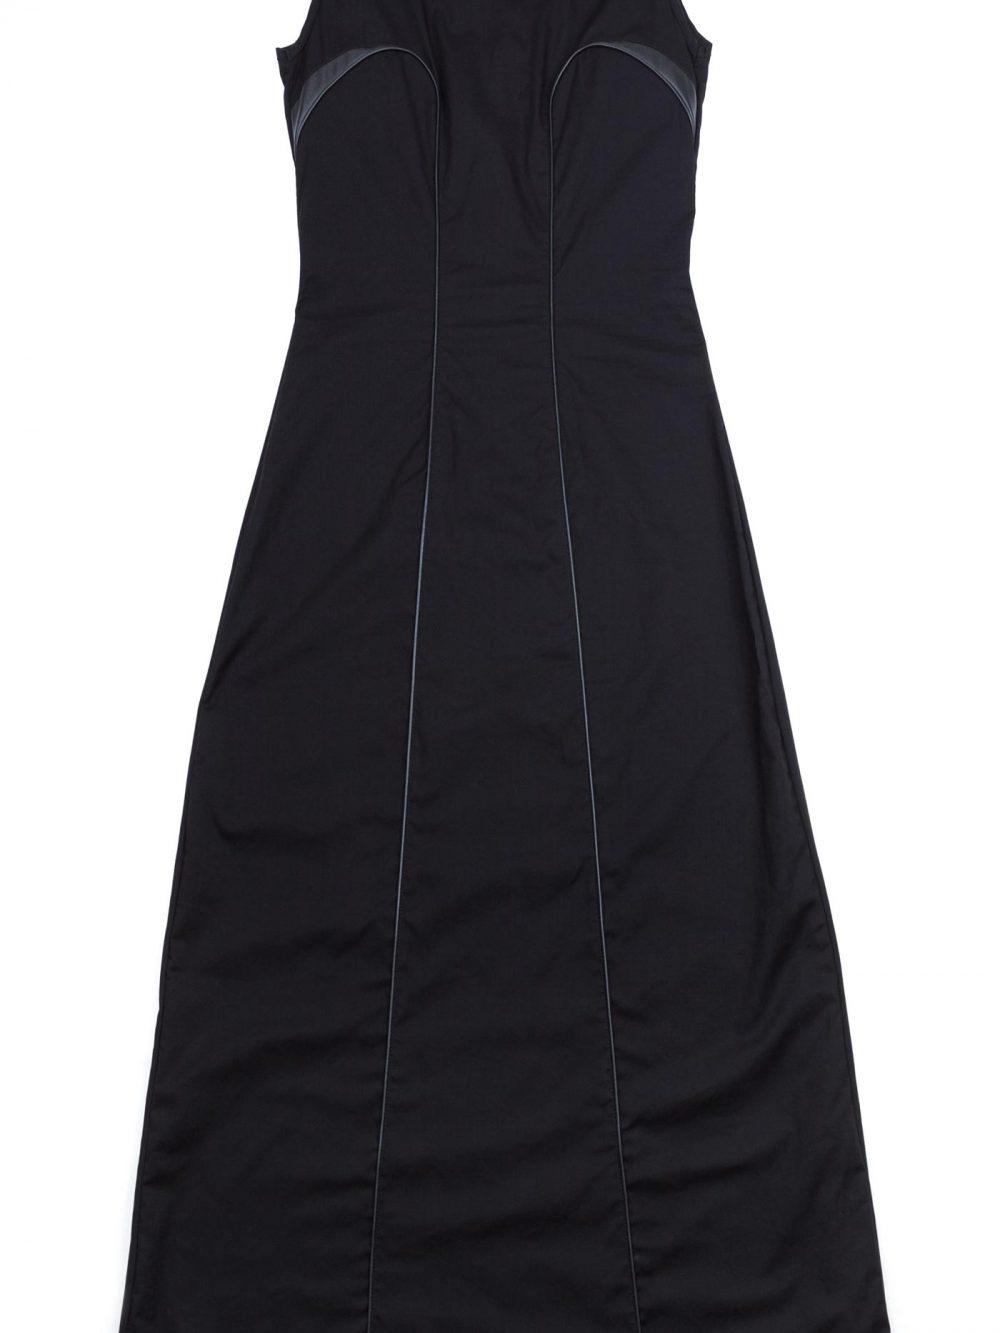 Langes Abendkleid aus schwarzer Biobaumwolle